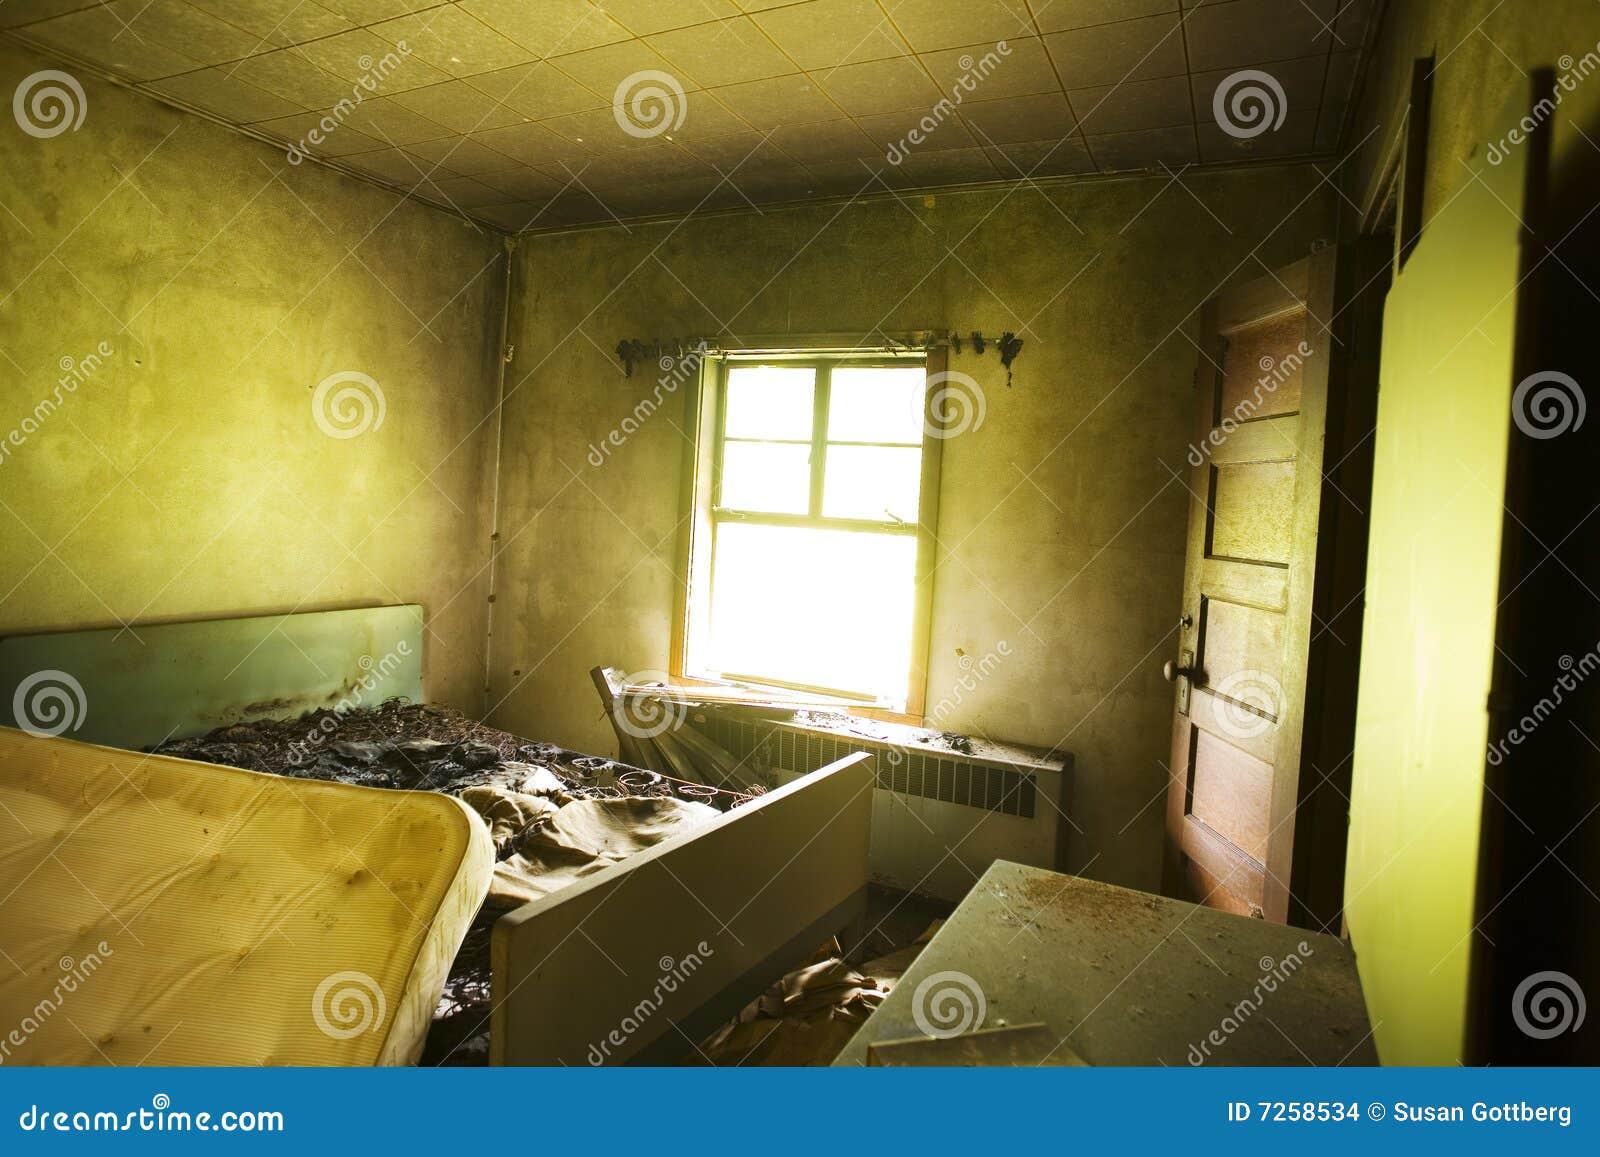 Cama quemada foto de archivo. Imagen de hotel, abandonado - 7258534